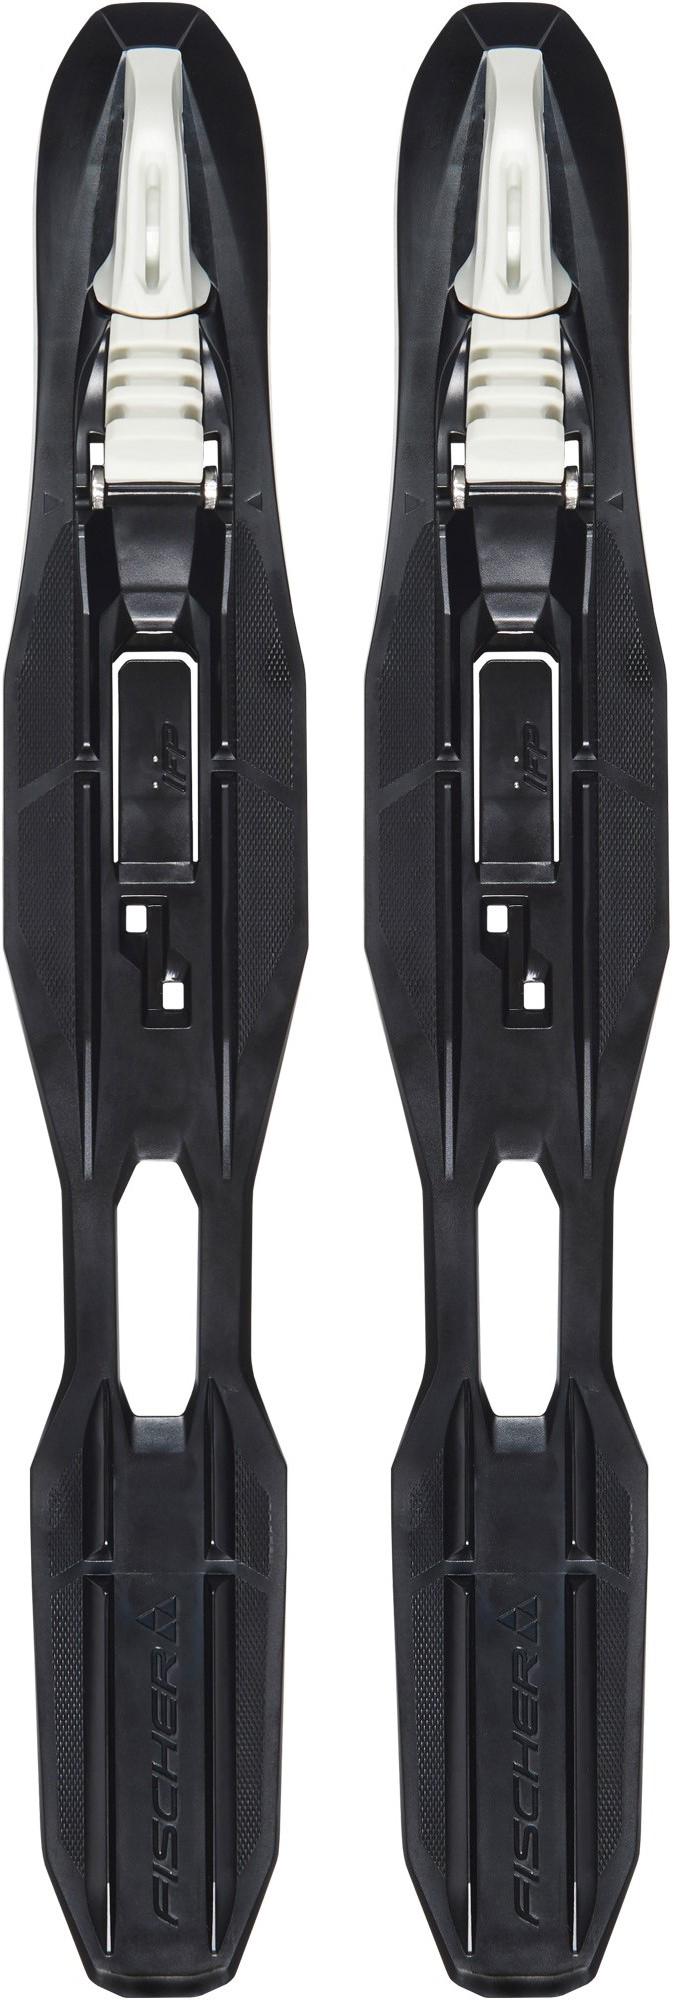 Fischer Крепления для беговых лыж COMPACT STEP-IN IFP